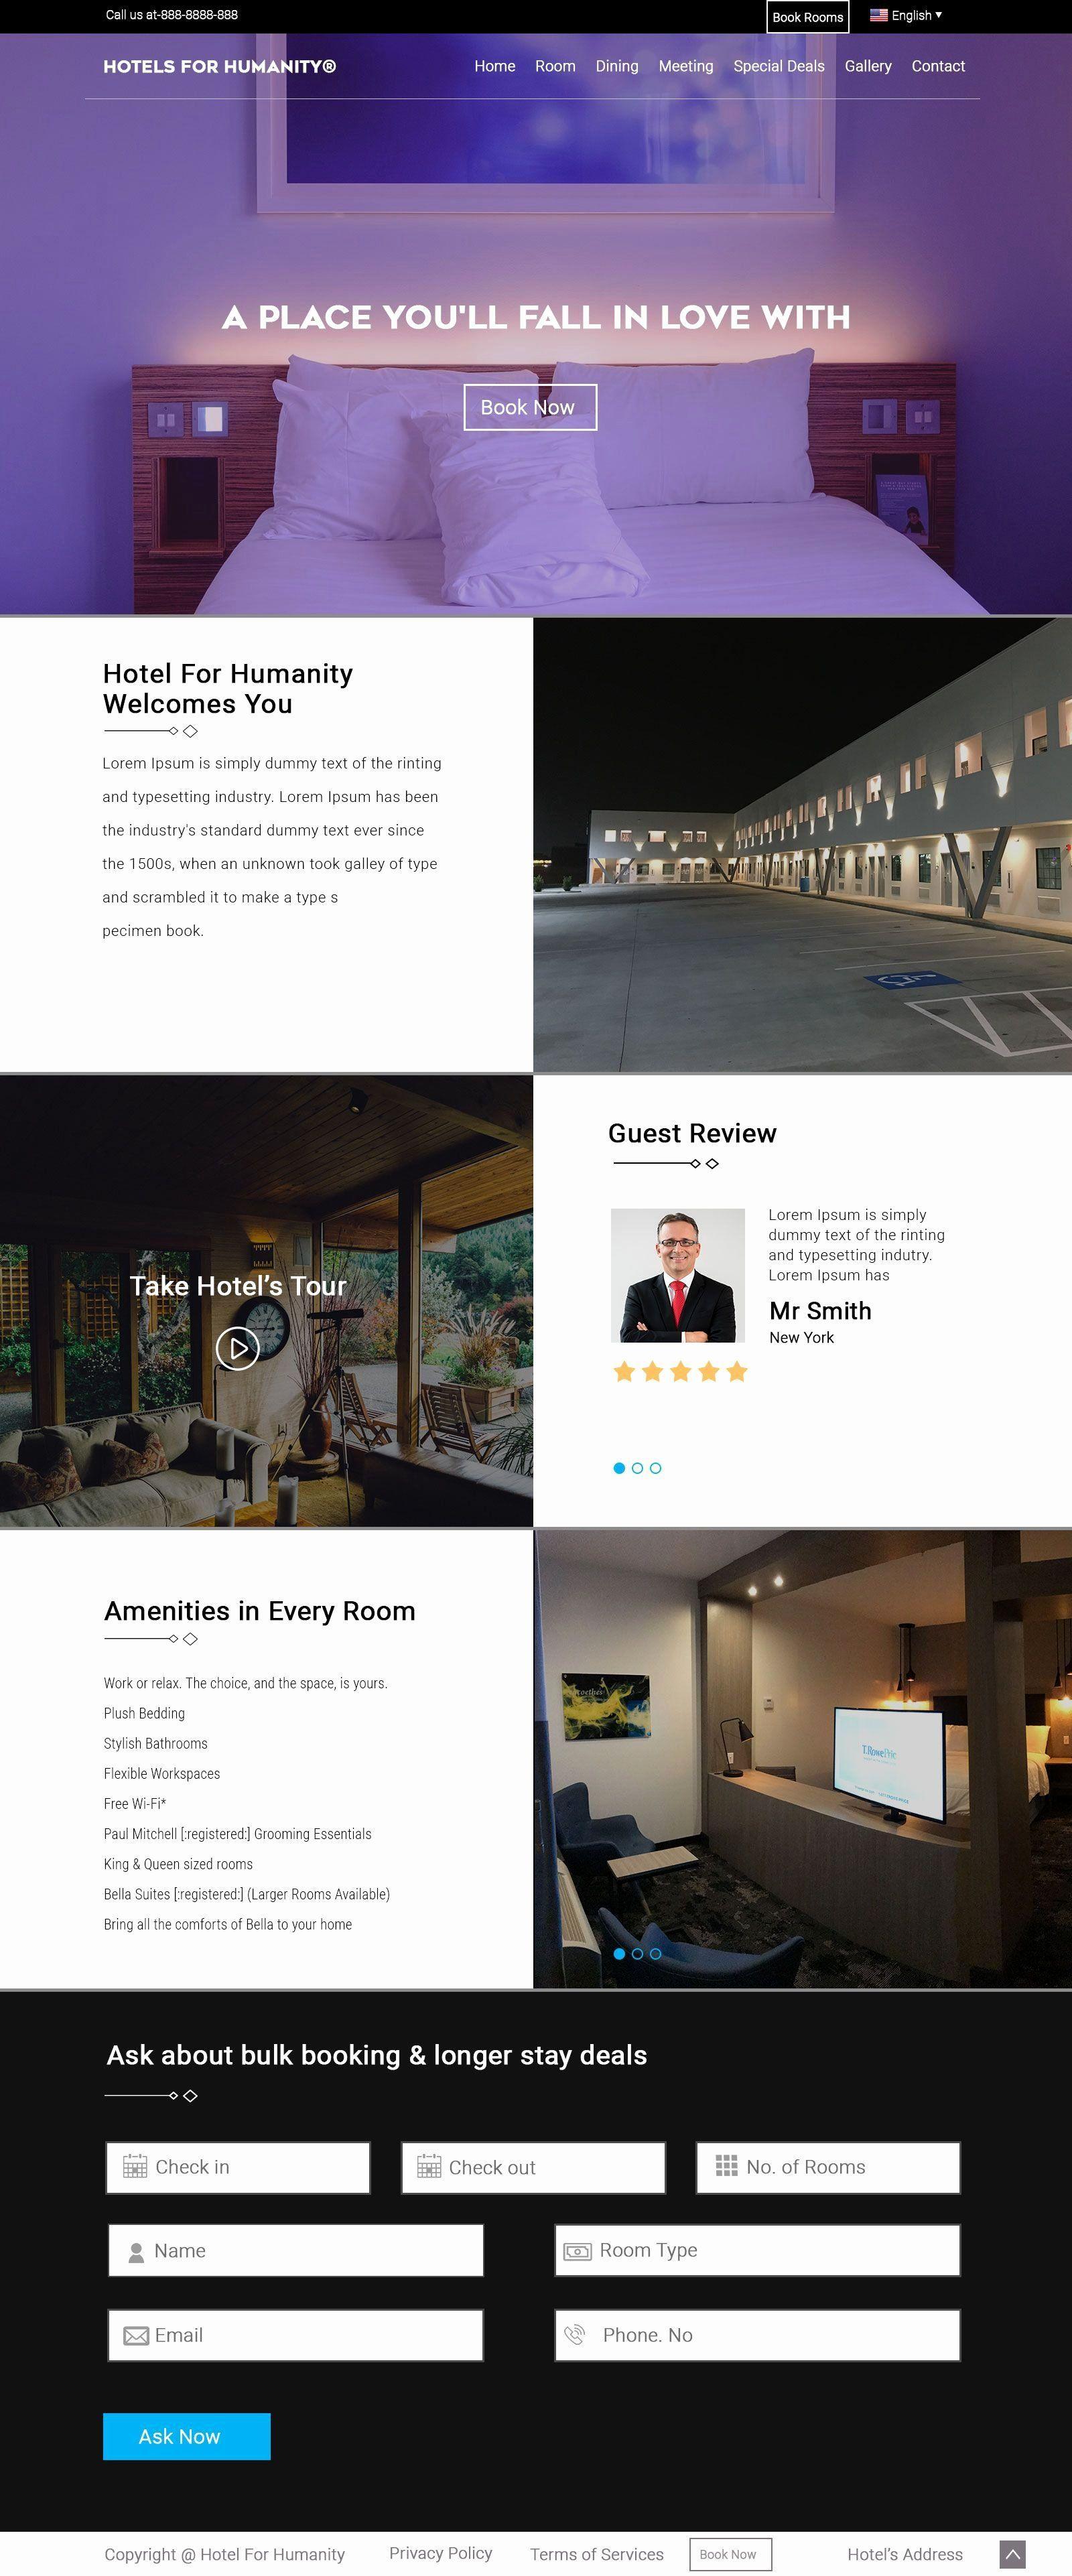 Free Web Design Template Download Lovely Hotel Website Mockup Free Psd Download Design In 2020 Web Design Templates Free Free Web Design Hotel Website Design